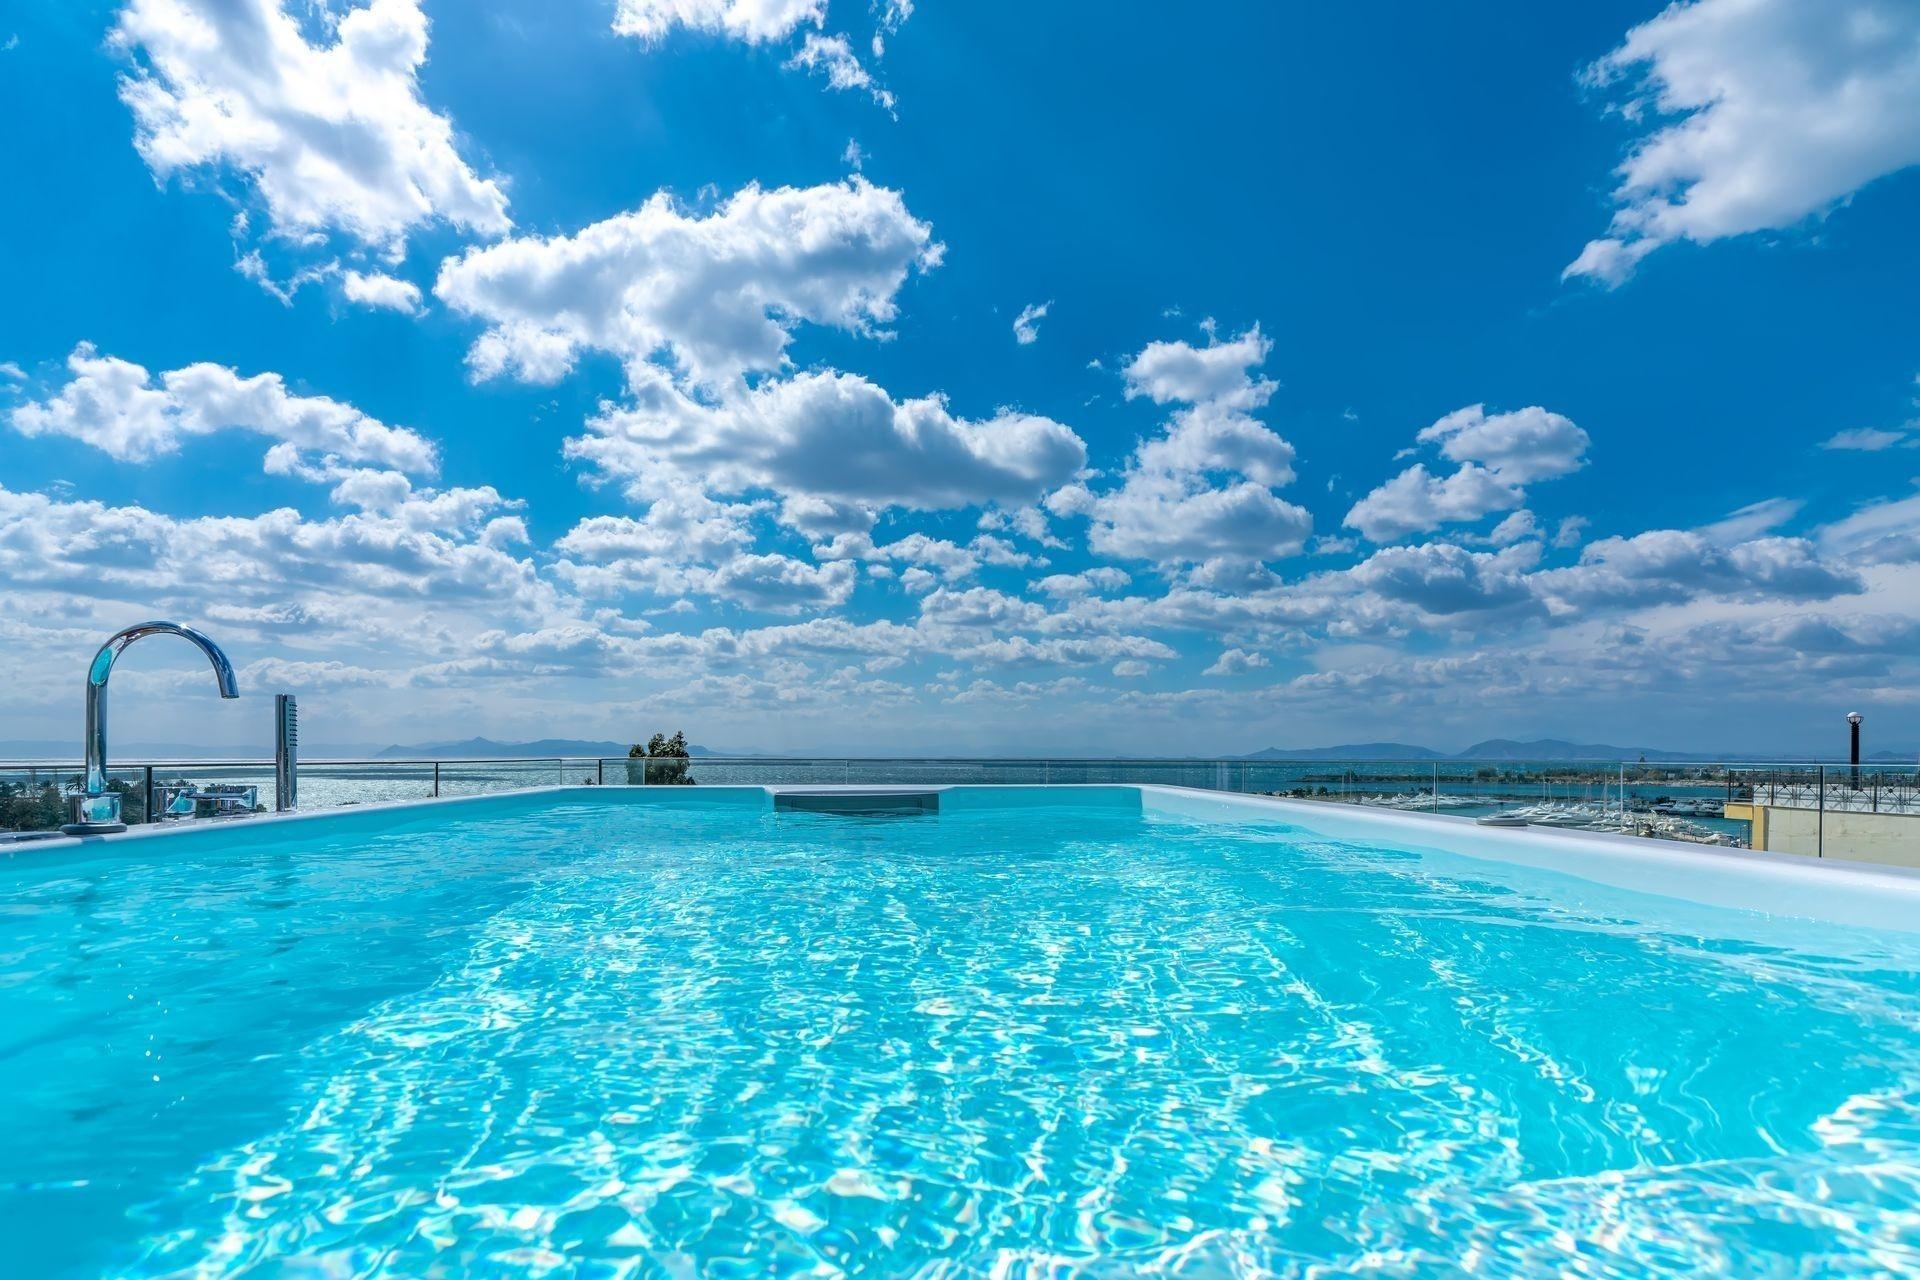 5* Glyfada Riviera Hotel - Αθήνα ✦ -22% ✦ 2 Ημέρες (1 Διανυκτέρευση) ✦ 2 άτομα ✦ Πρωινό ✦ 01/05/2020 έως 30/09/2020 ✦ Free WiFi